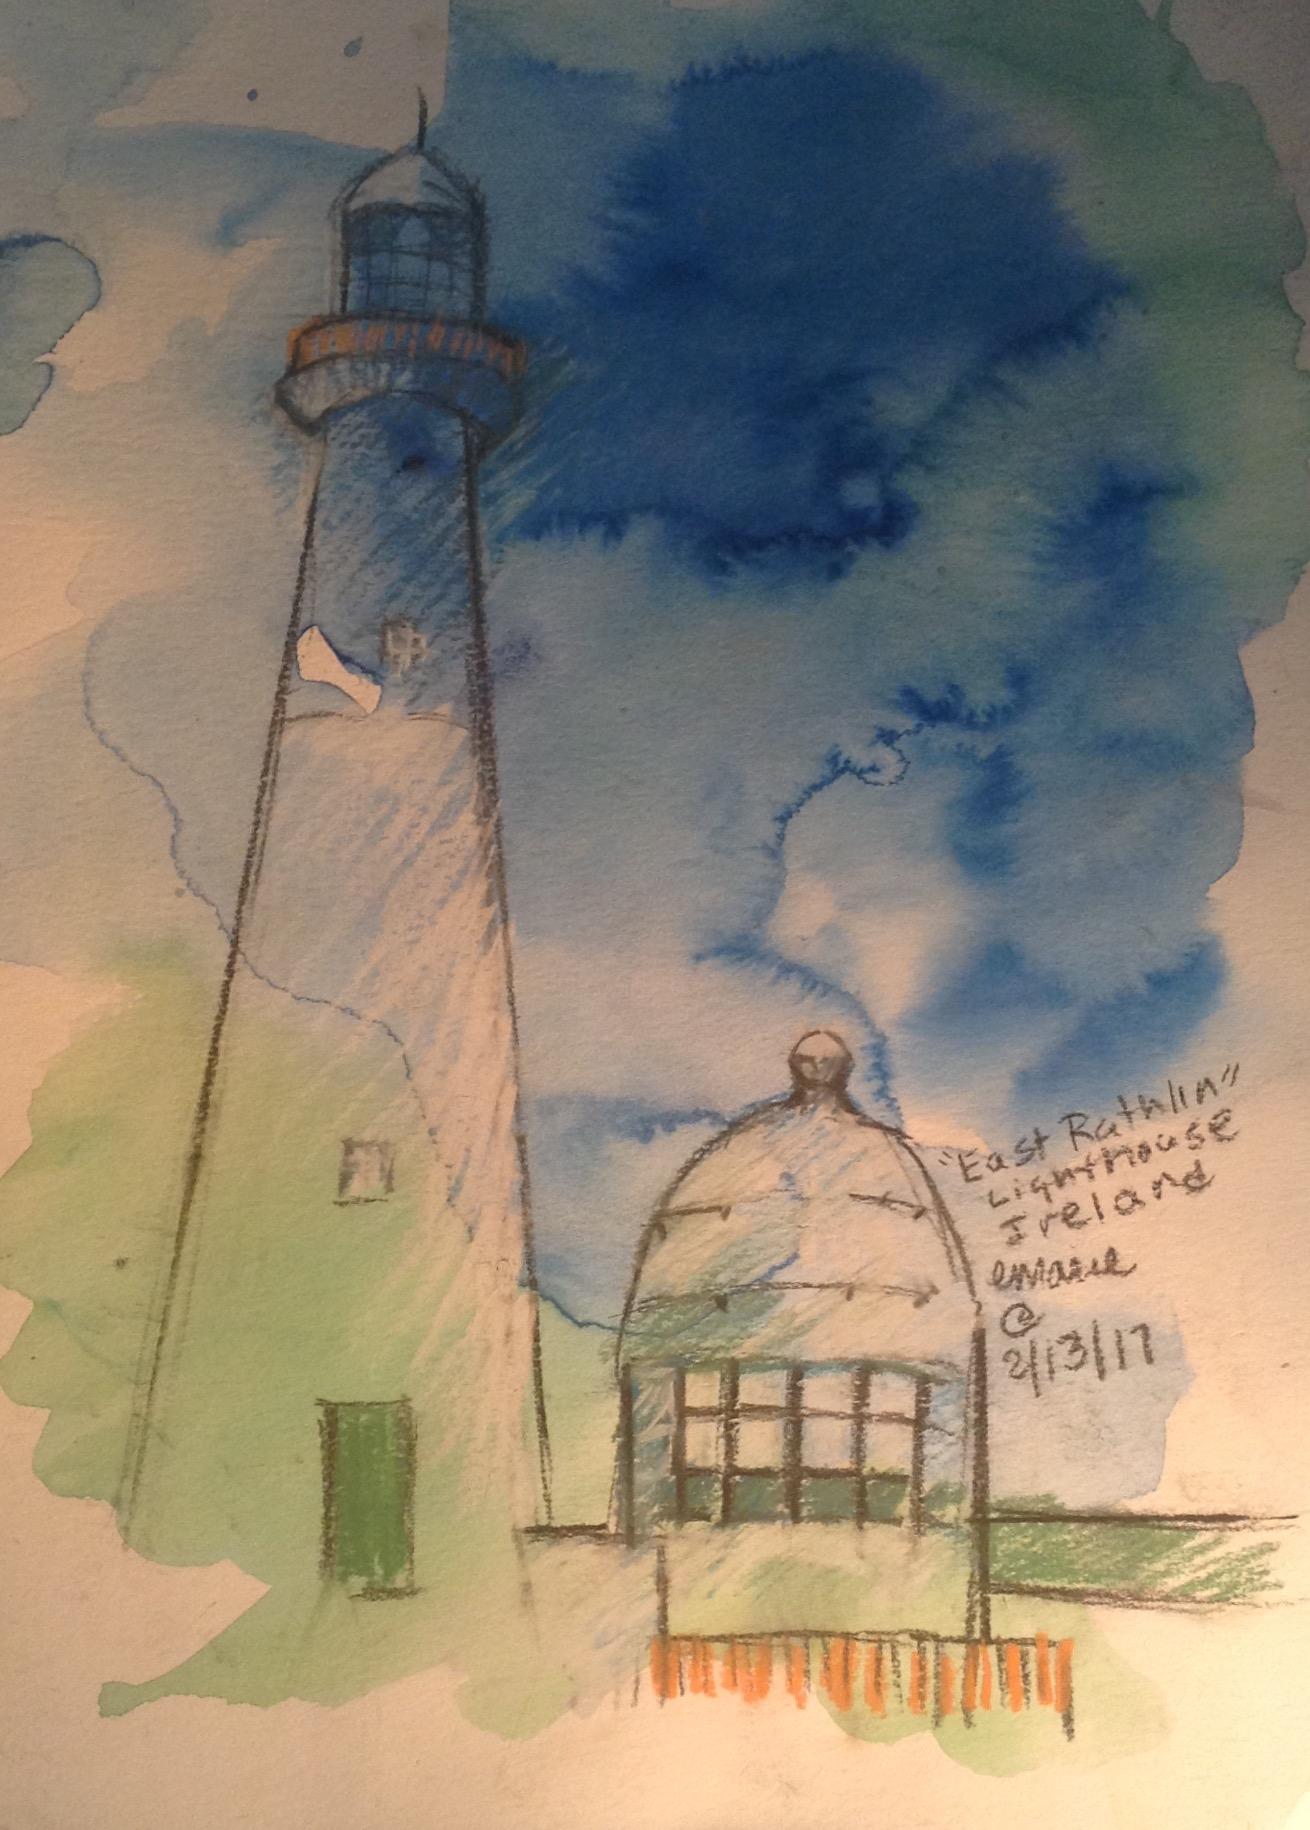 East Rathlin Lighthouse